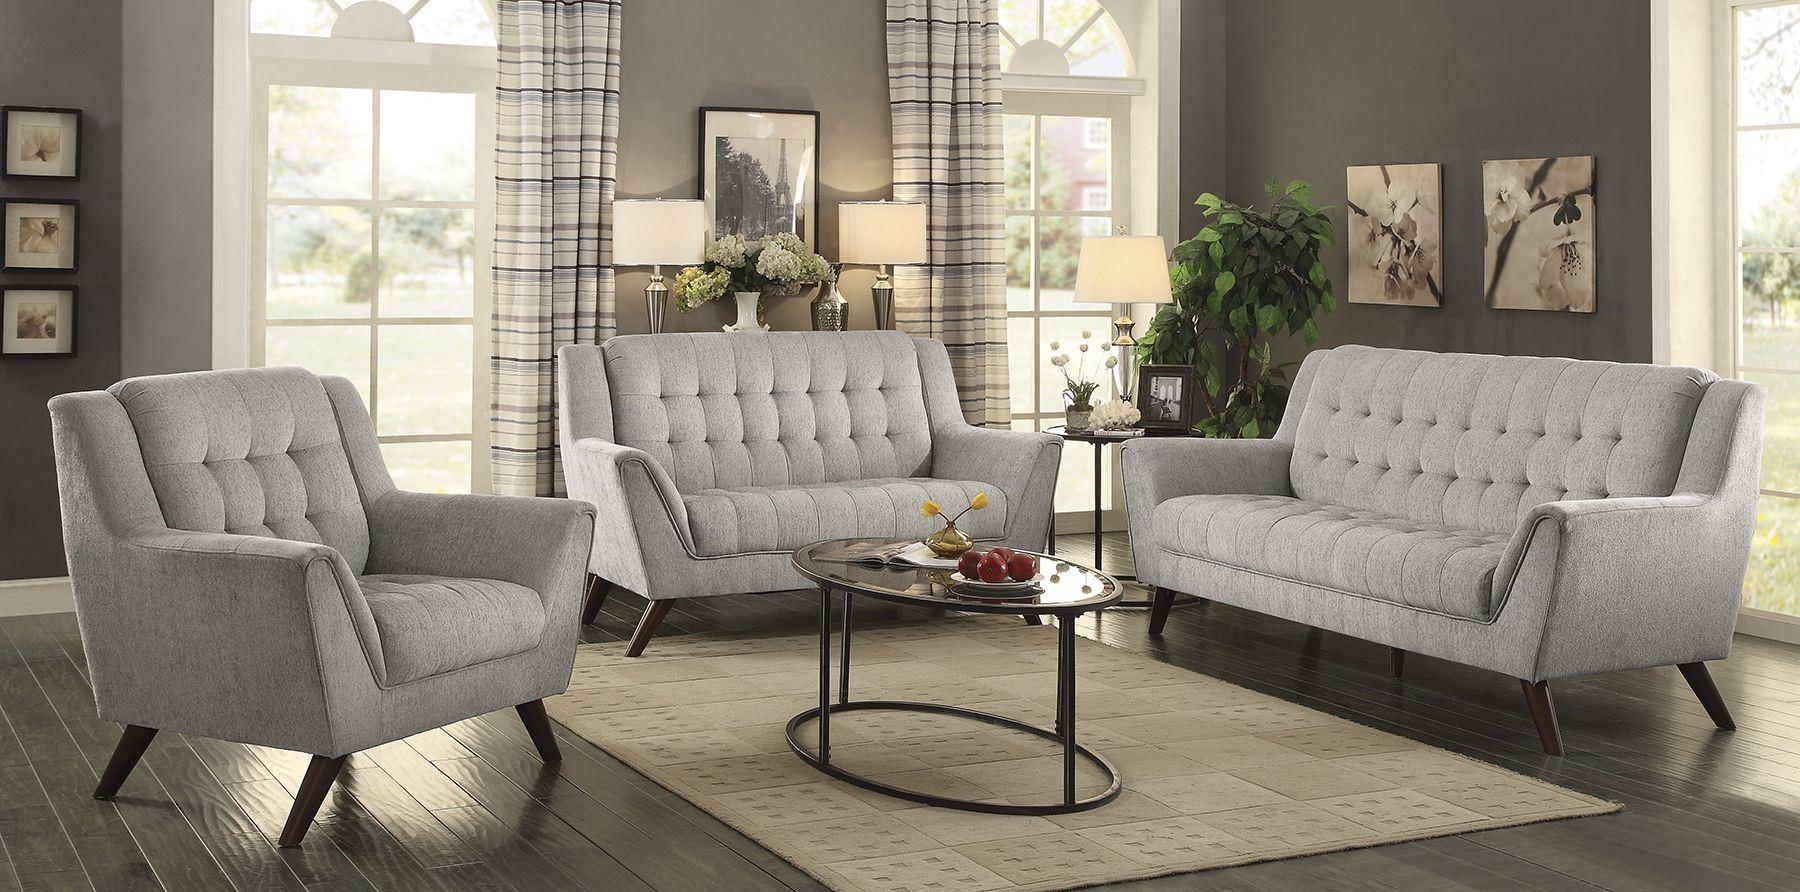 Baby Natalia Dove Gray Living Room Set from Coaster